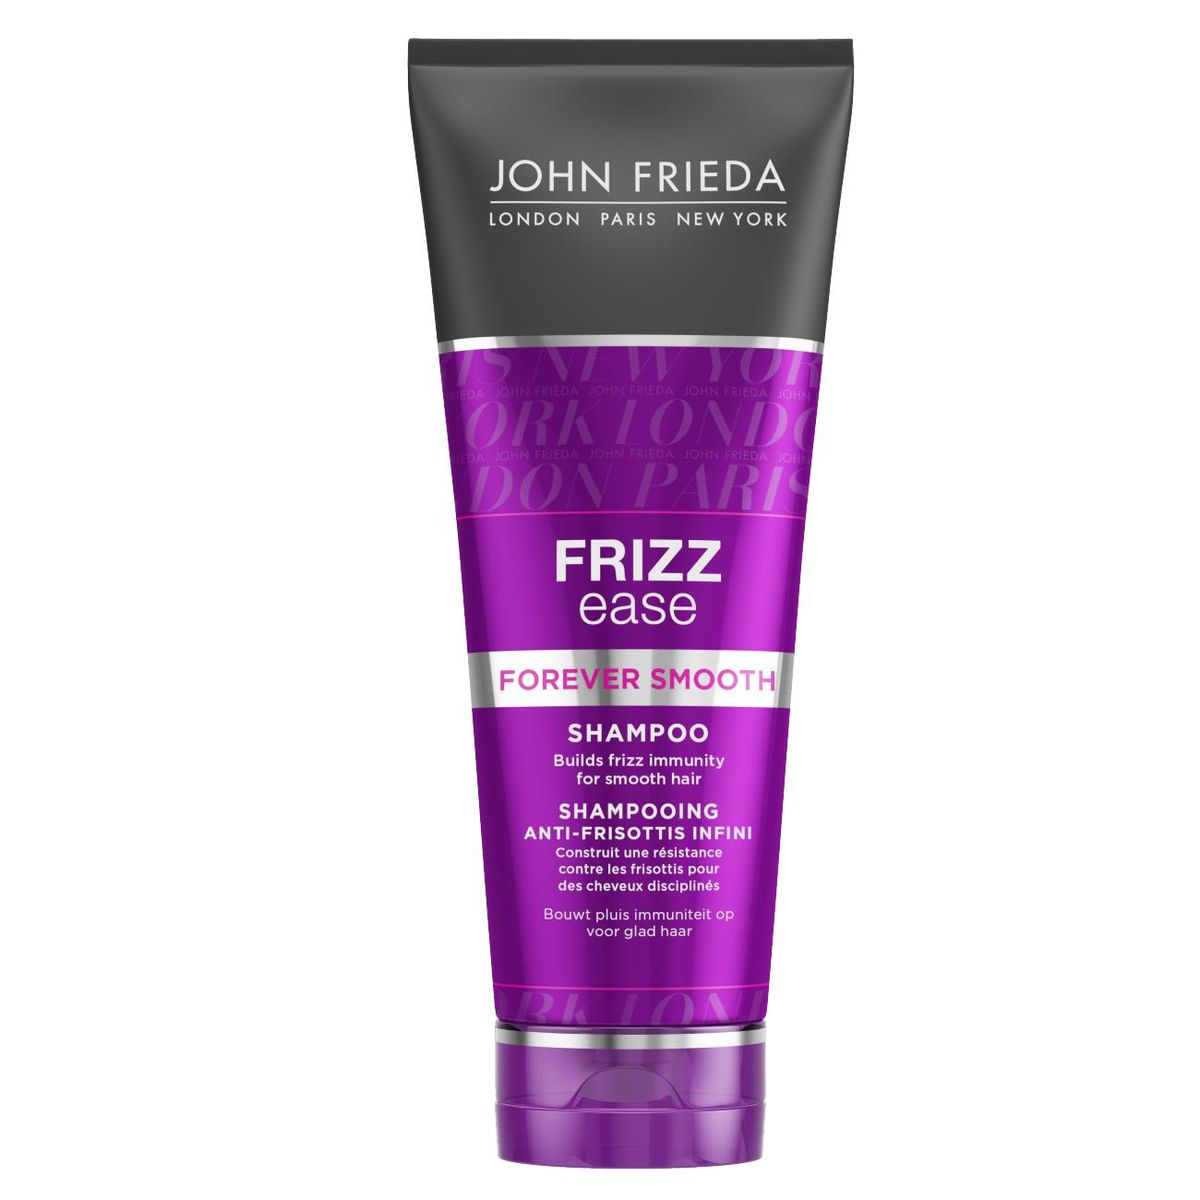 John Frieda Шампунь для гладкости волос длительного действия против влажности Frizz Ease FOREVER SMOOTH 250 млjf113110Формирует иммунитет волос от курчавости и воздействия влажности для продолжительной гладкости. Волосы приобретают иммунитет от курчавости для создания их гладкости. Шампунь FOREVER SMOOTH c инновационным Frizz Immunity комплексом и 100% натуральным маслом Кокоса, помогает справиться с природной курчавостью, с каждым применением постепенно формирует у волос иммунитет против курчавости.